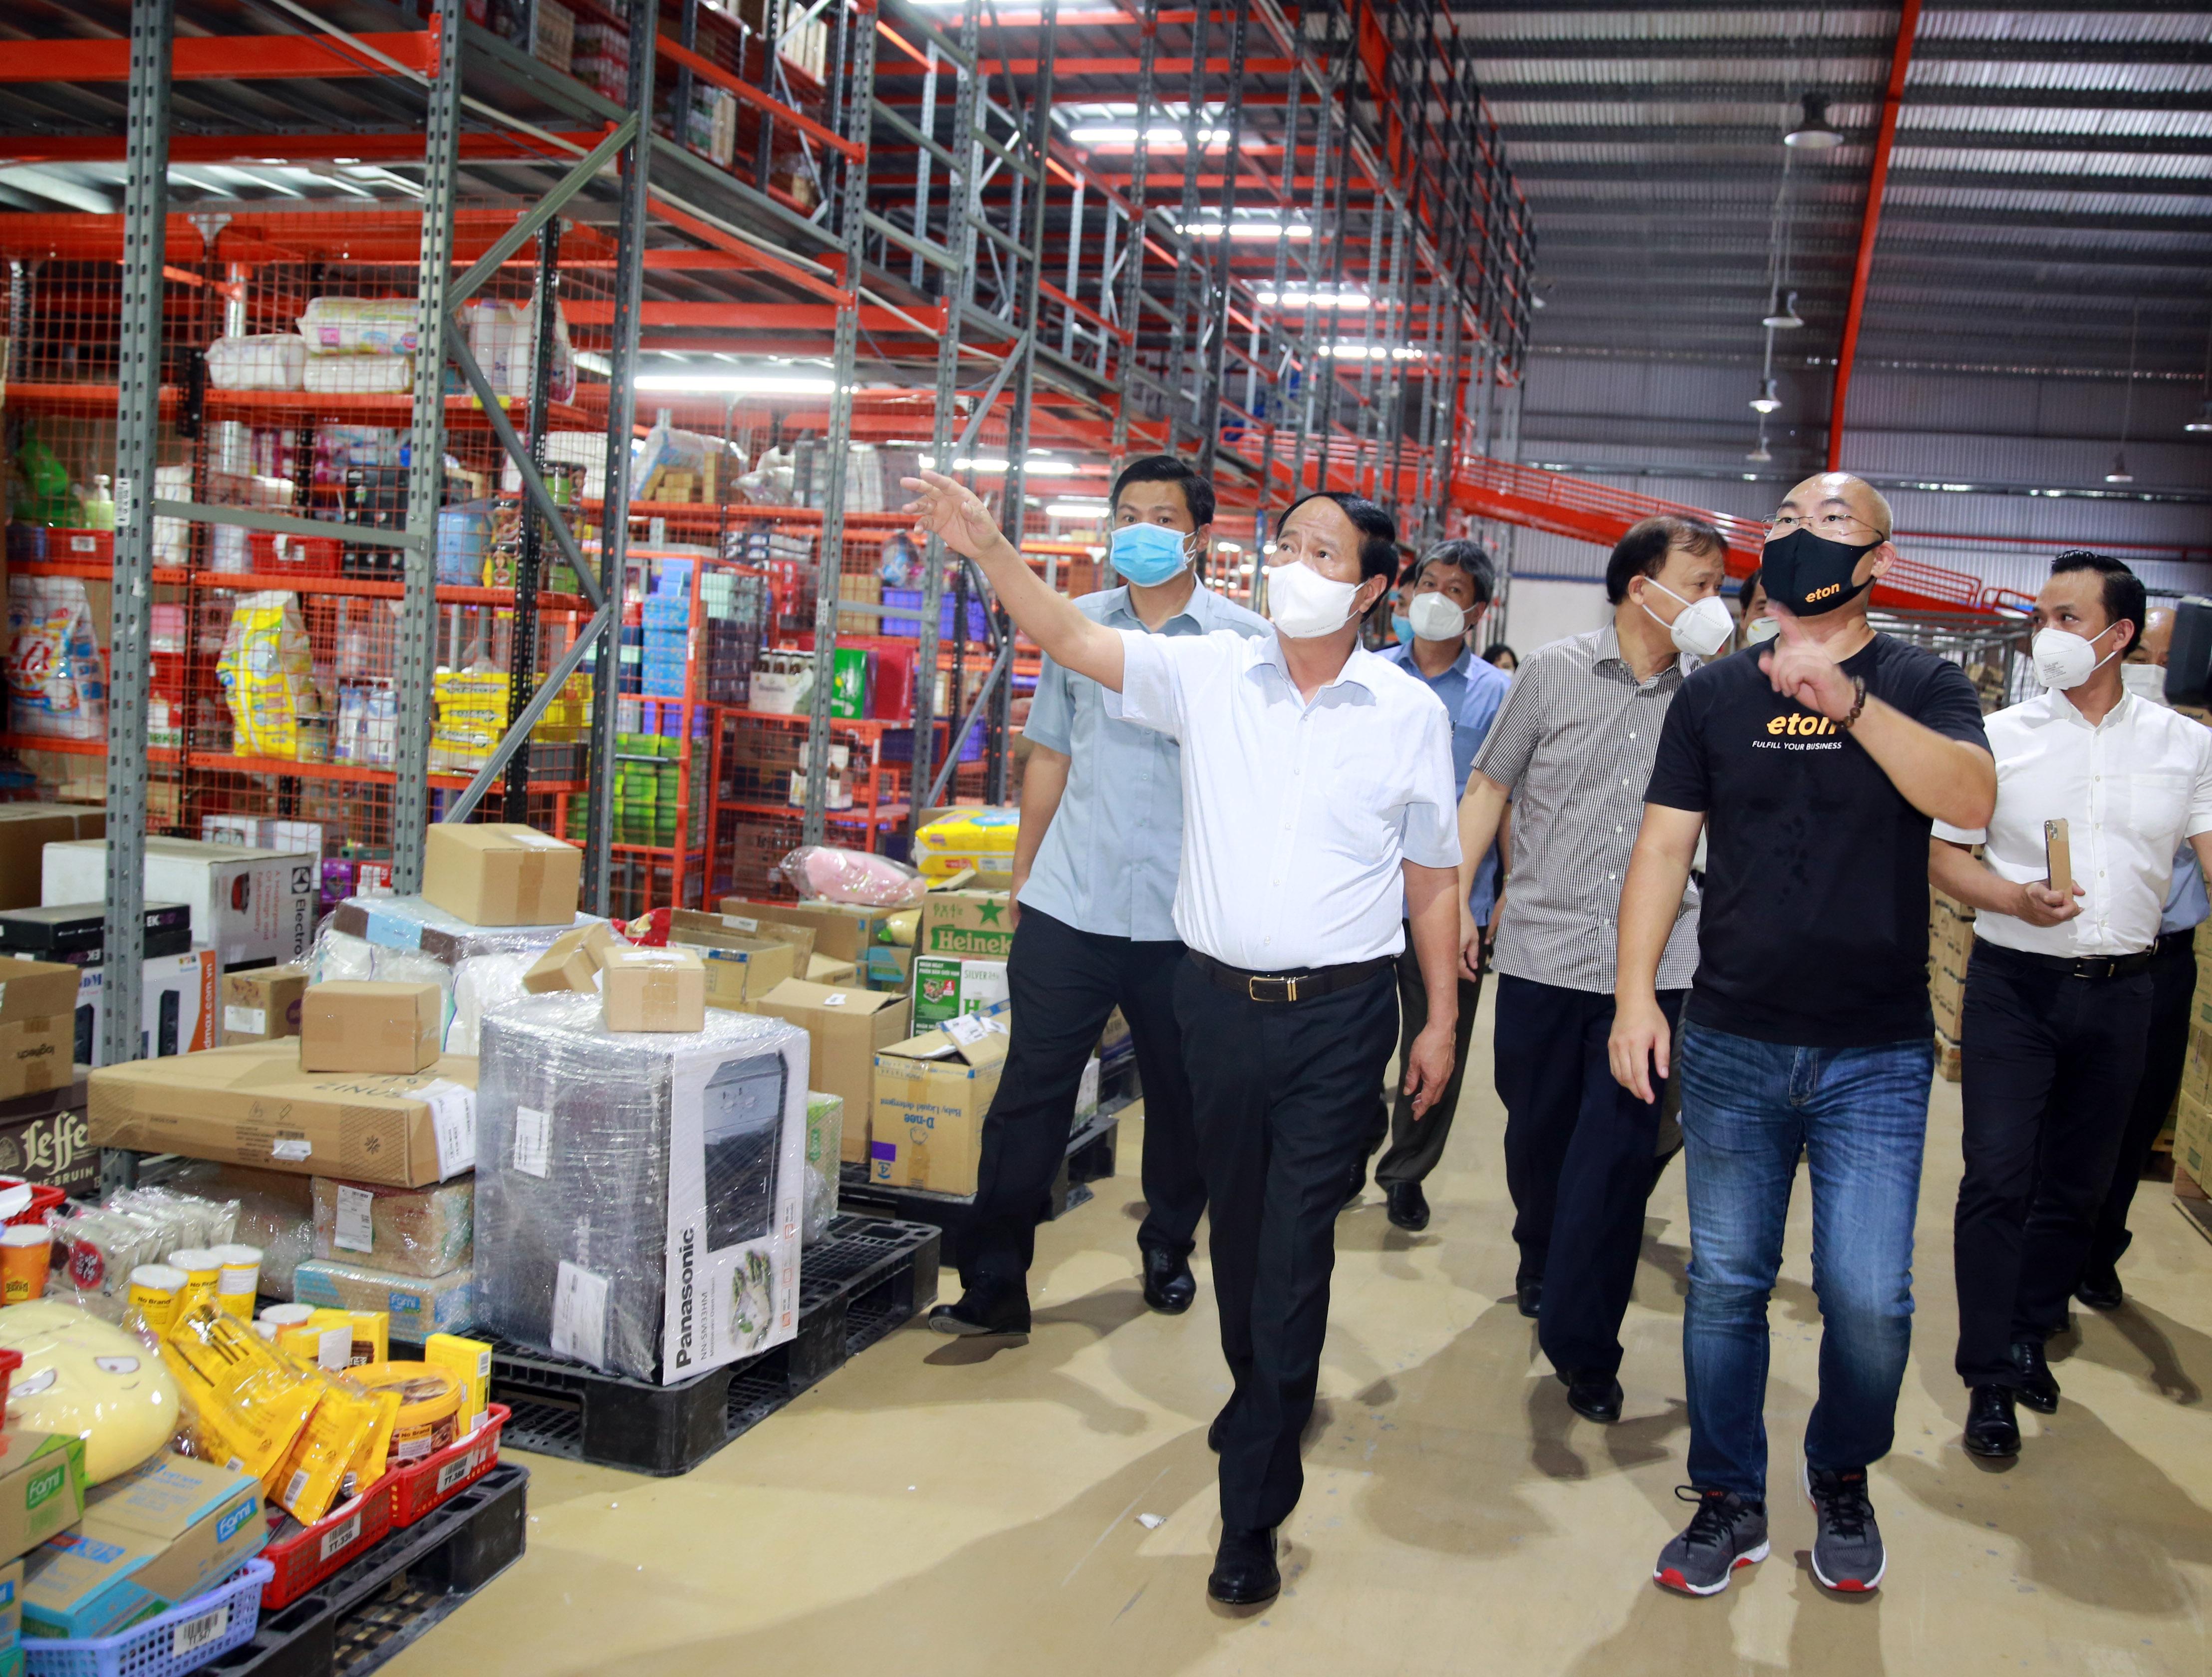 Phó Thủ tướng Lê Văn Thành kiểm tra các  kho hàng và hệ thống phân phối lương thực, thực phẩm của TP. Hồ Chí Minh